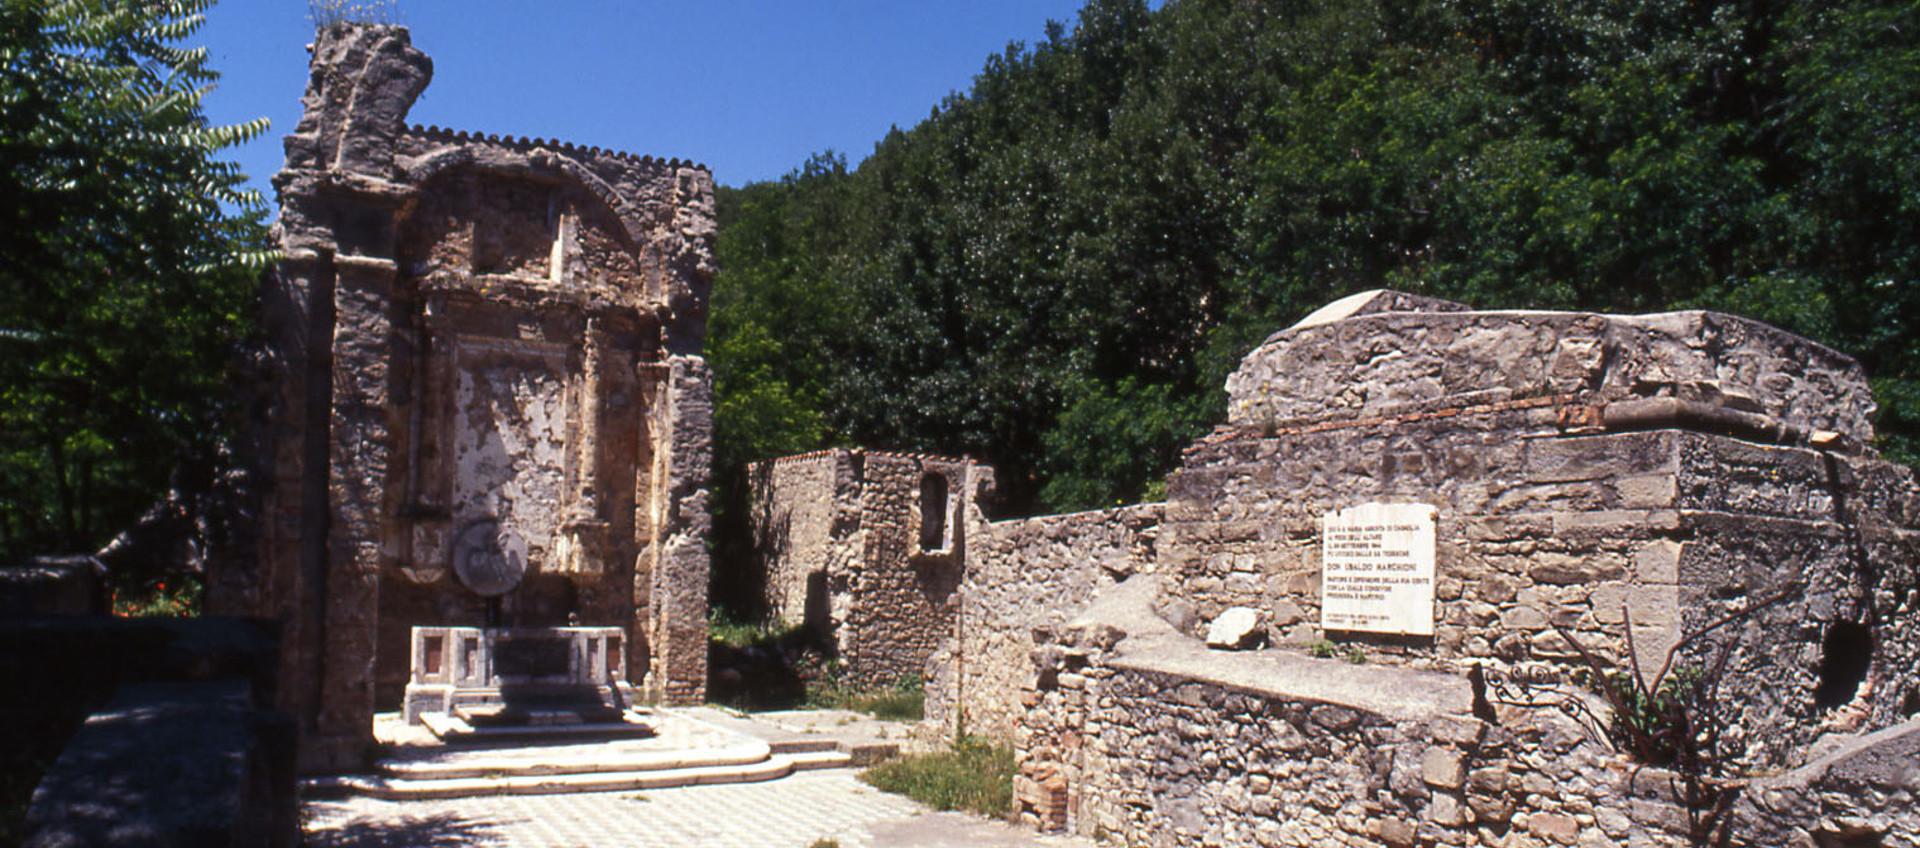 Foto: Monte Sole, Chiesa di Casaglia - Archivio Città metropolitana di Bologna